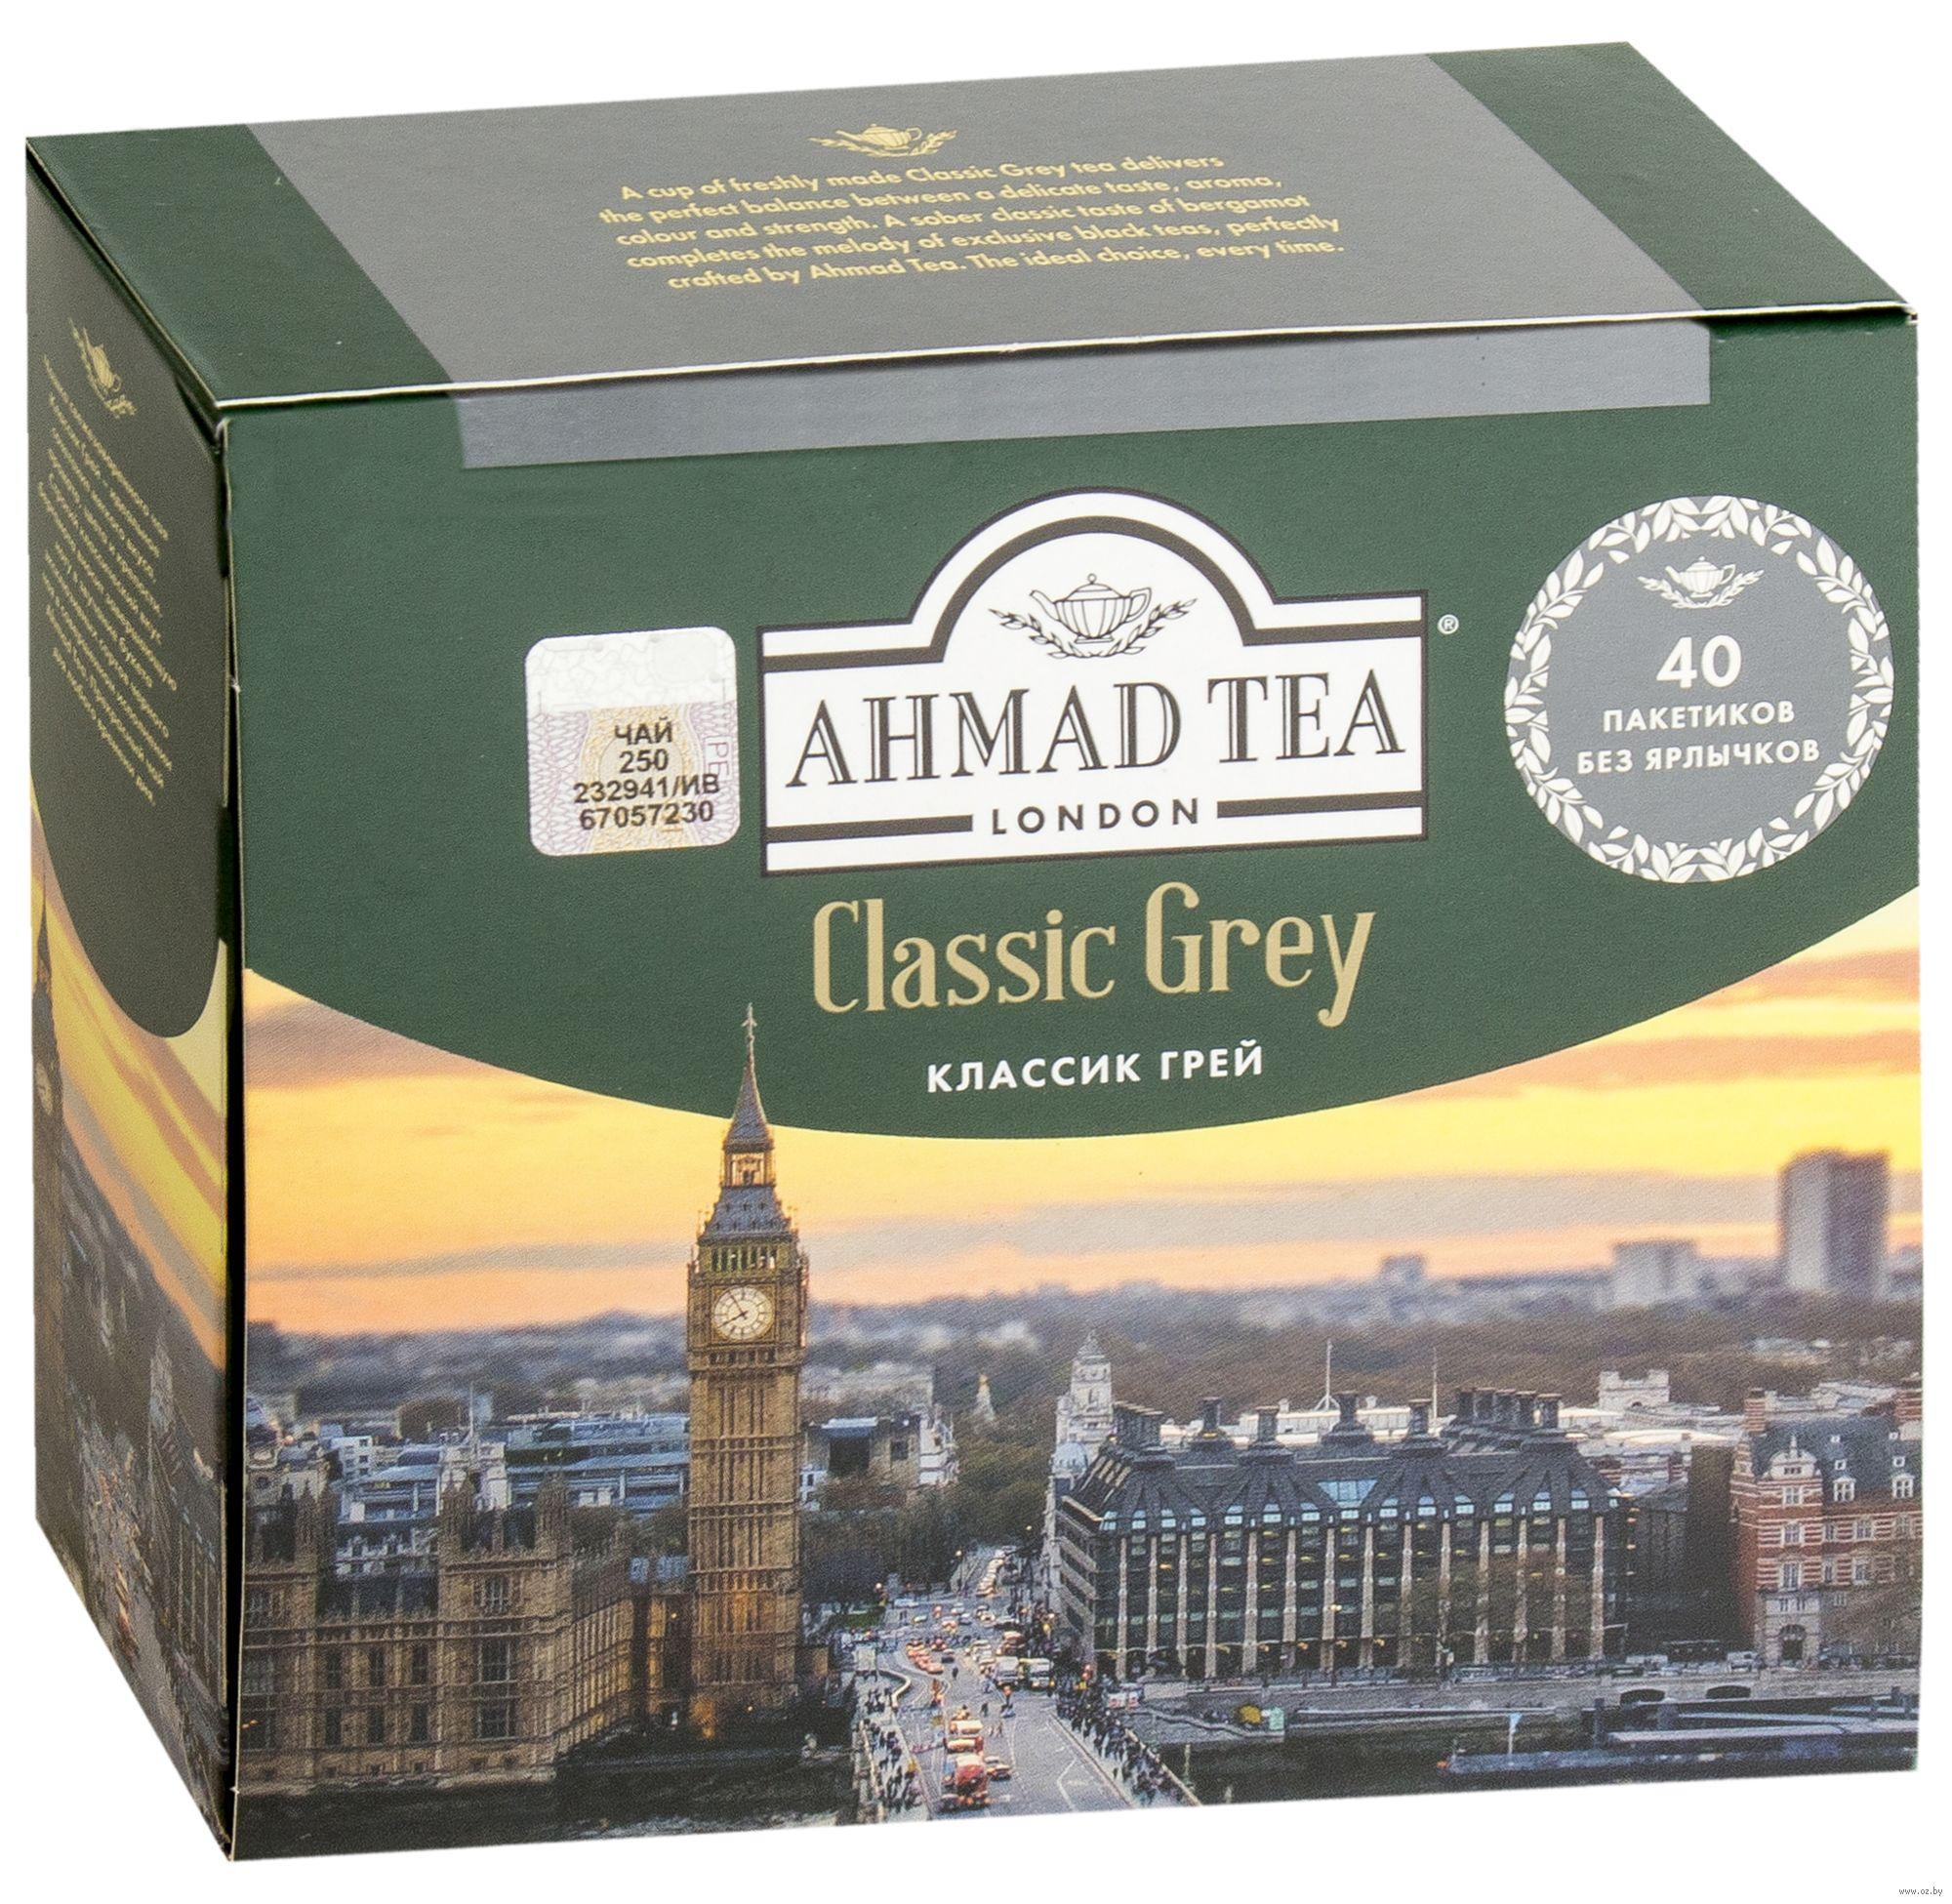 Чай Классик Грей со вкусом и ароматом бергамота 40п б/я